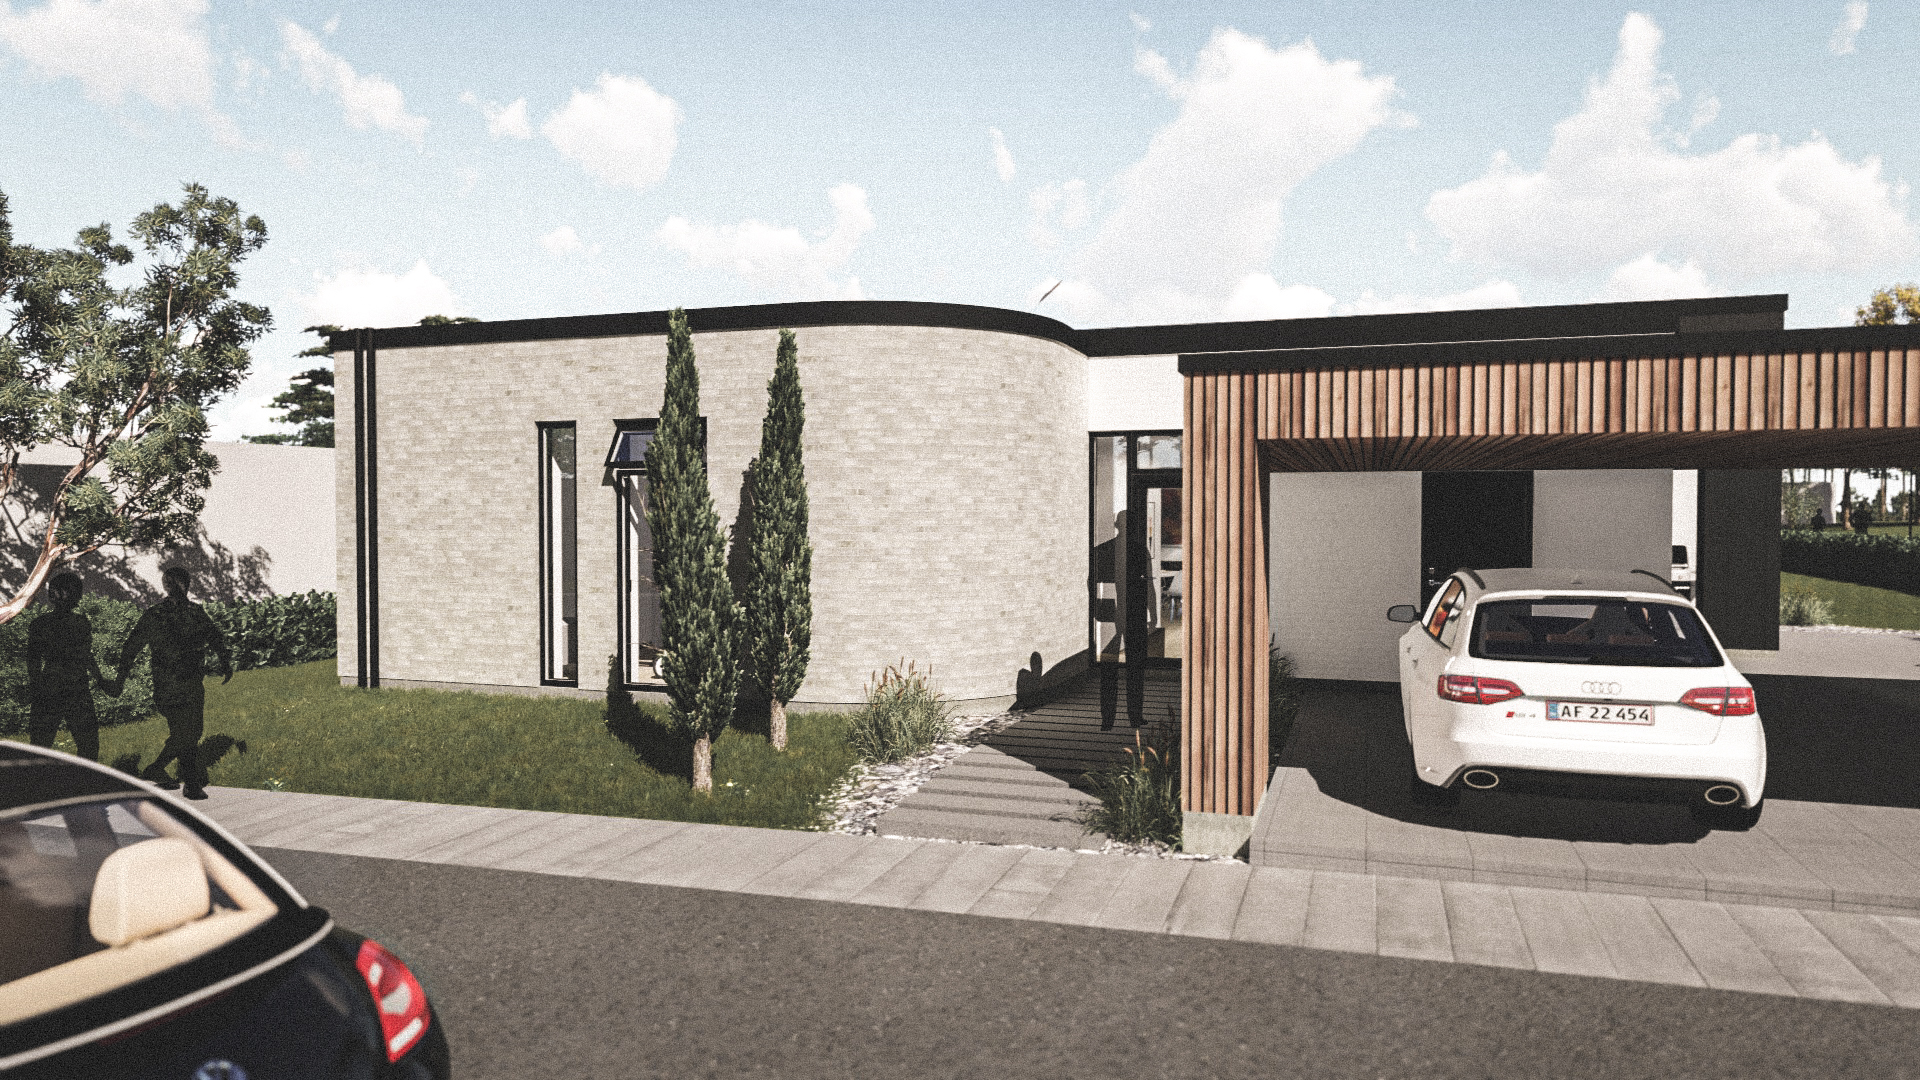 Billede af Dansk arkitekttegnet 1 plan villa af arkitektfirmaet m2plus, i Silkeborg på 192 kvartratmeter.